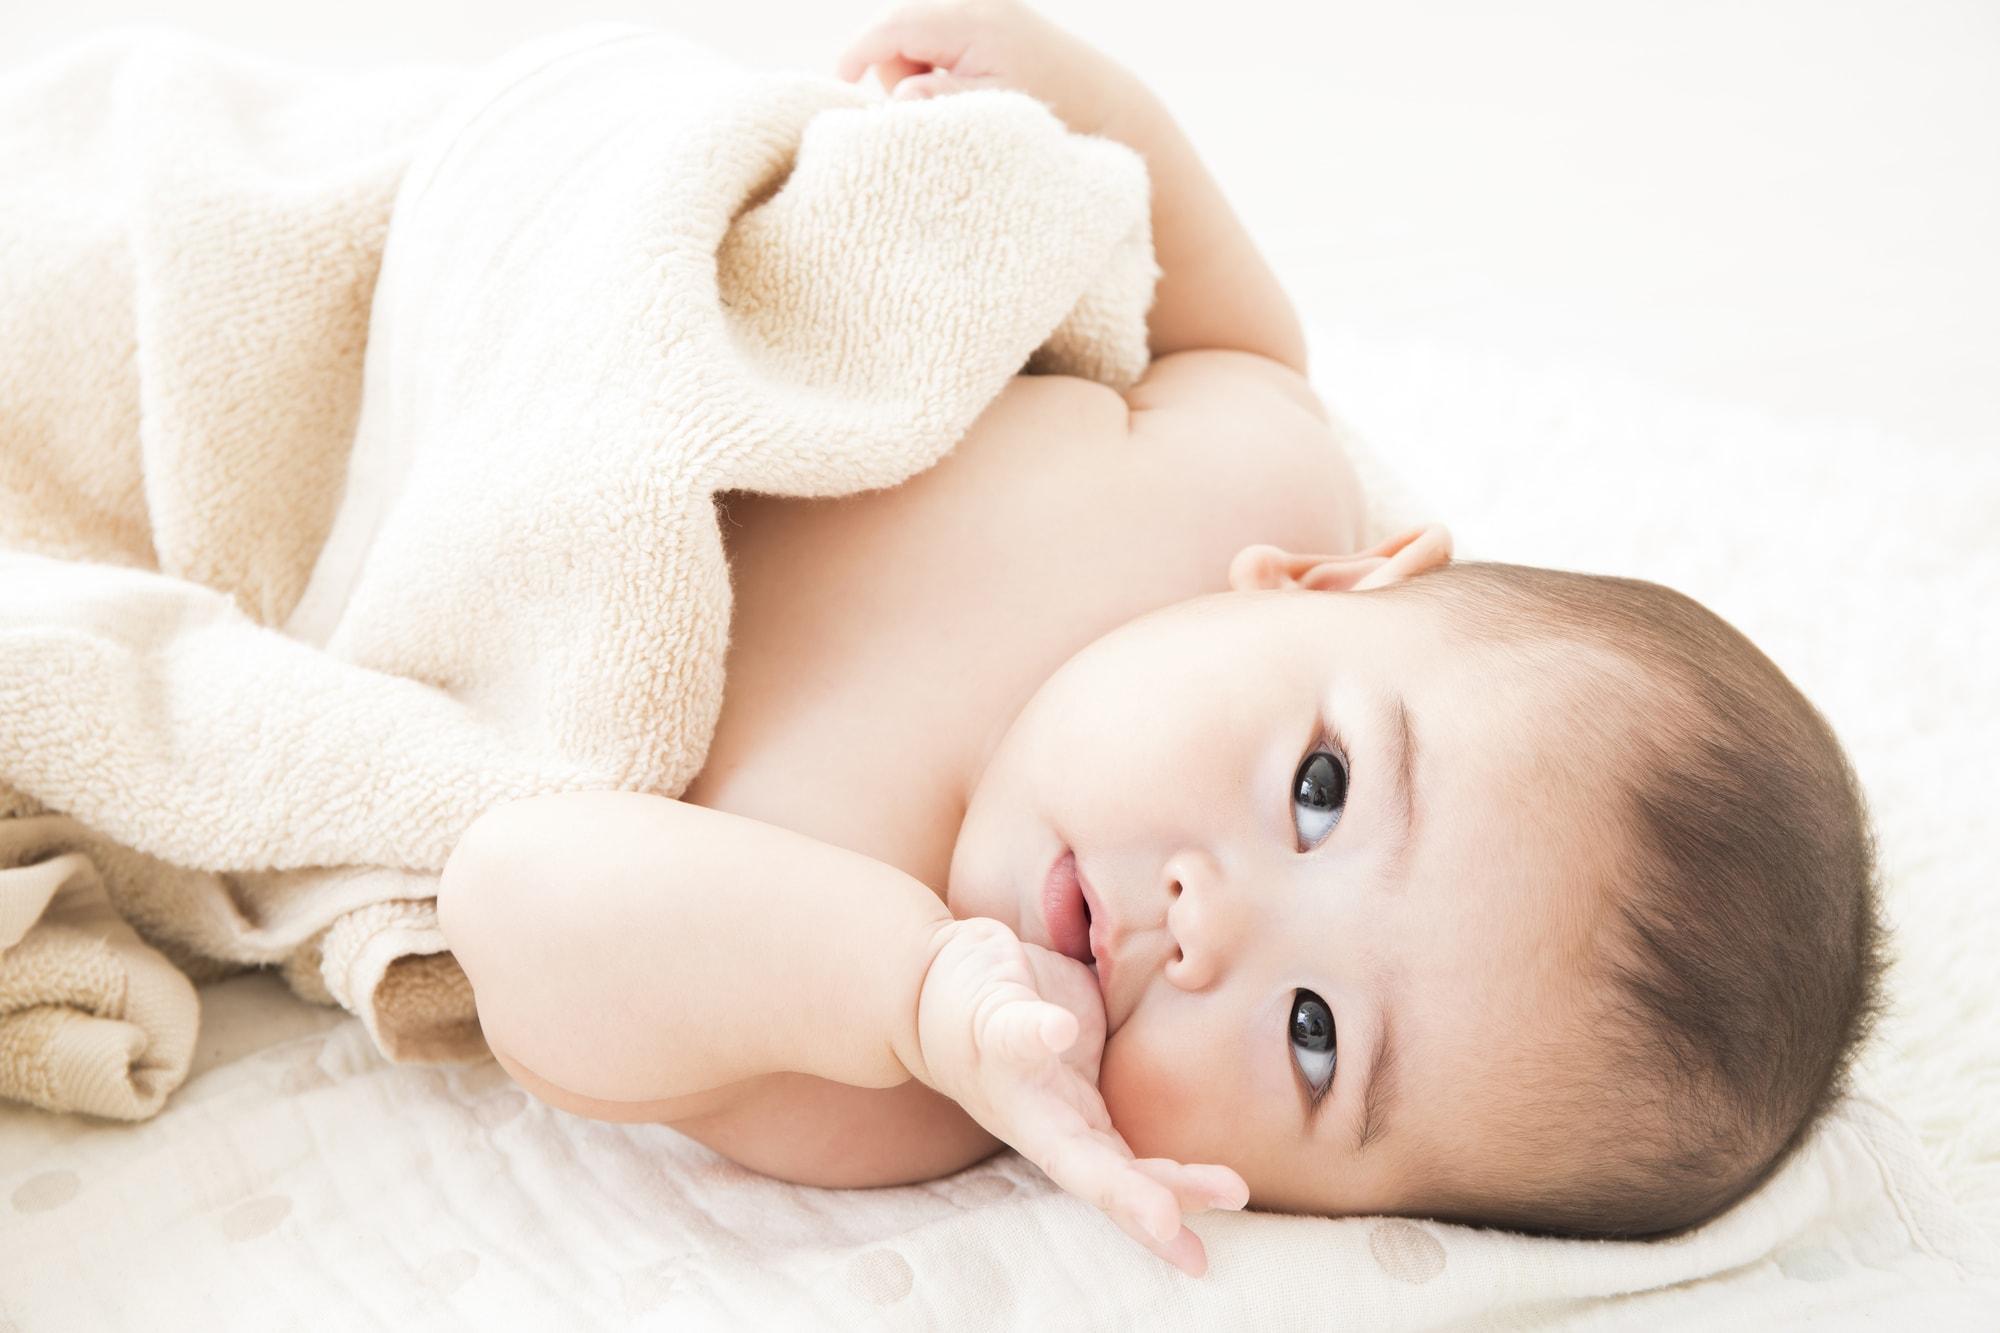 赤ちゃんが指しゃぶりをする原因は?